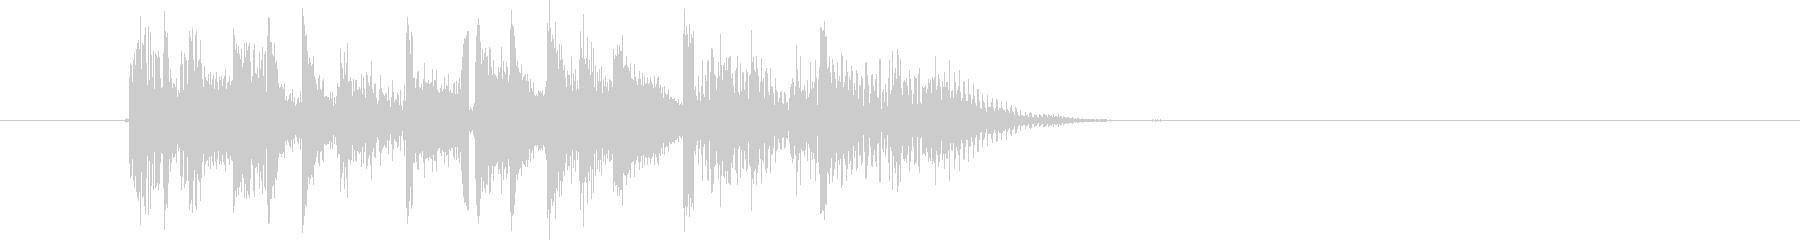 何かが始まる予感のするなシンセ曲の未再生の波形